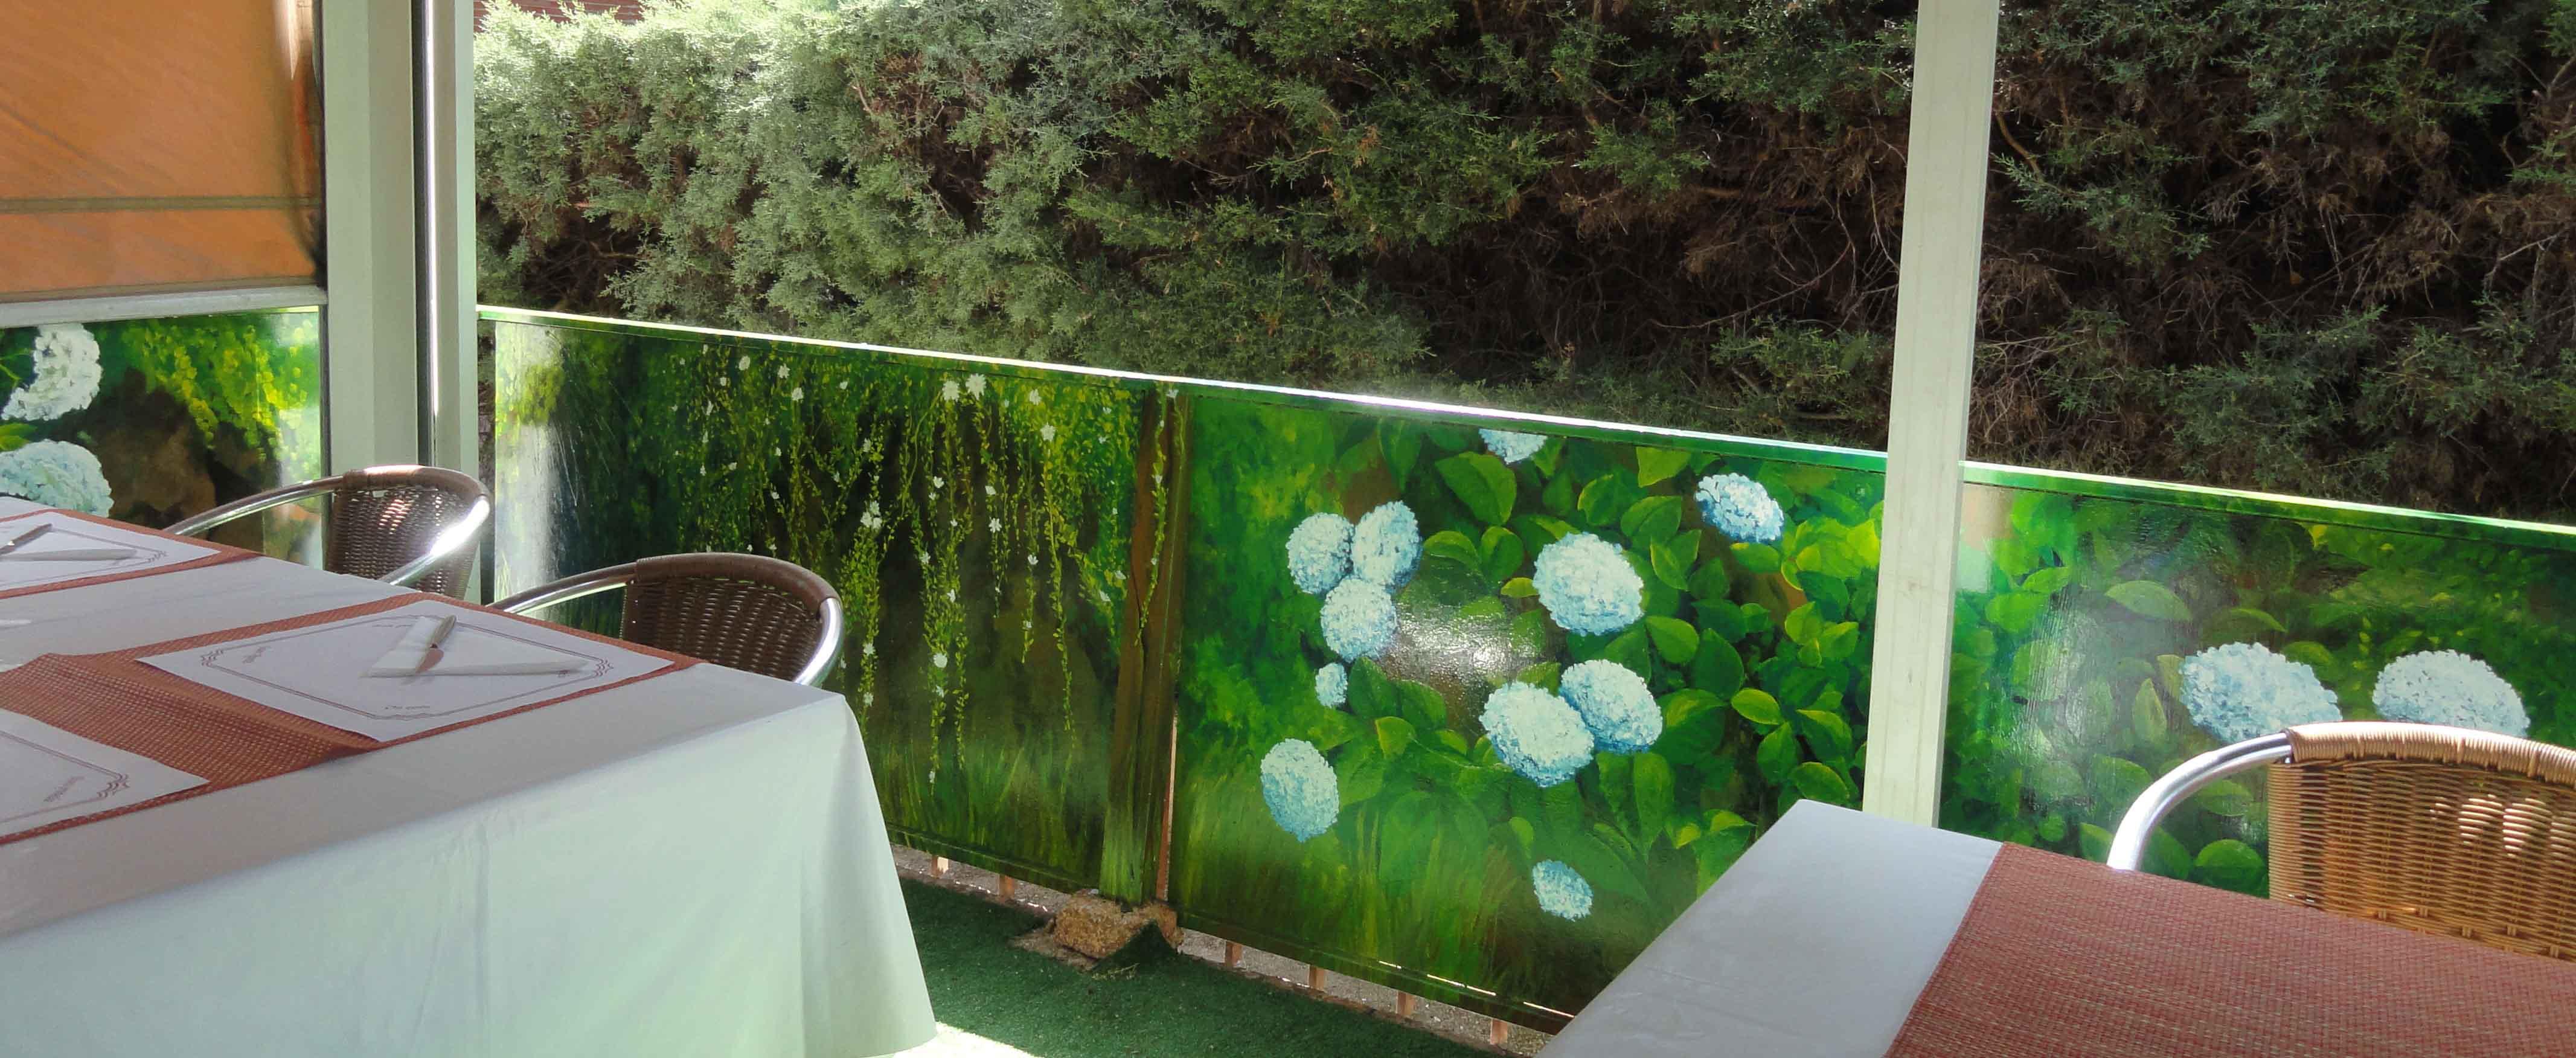 Murales y trampantojos en exteriores jardines y piscinas for Jardines en la terraza